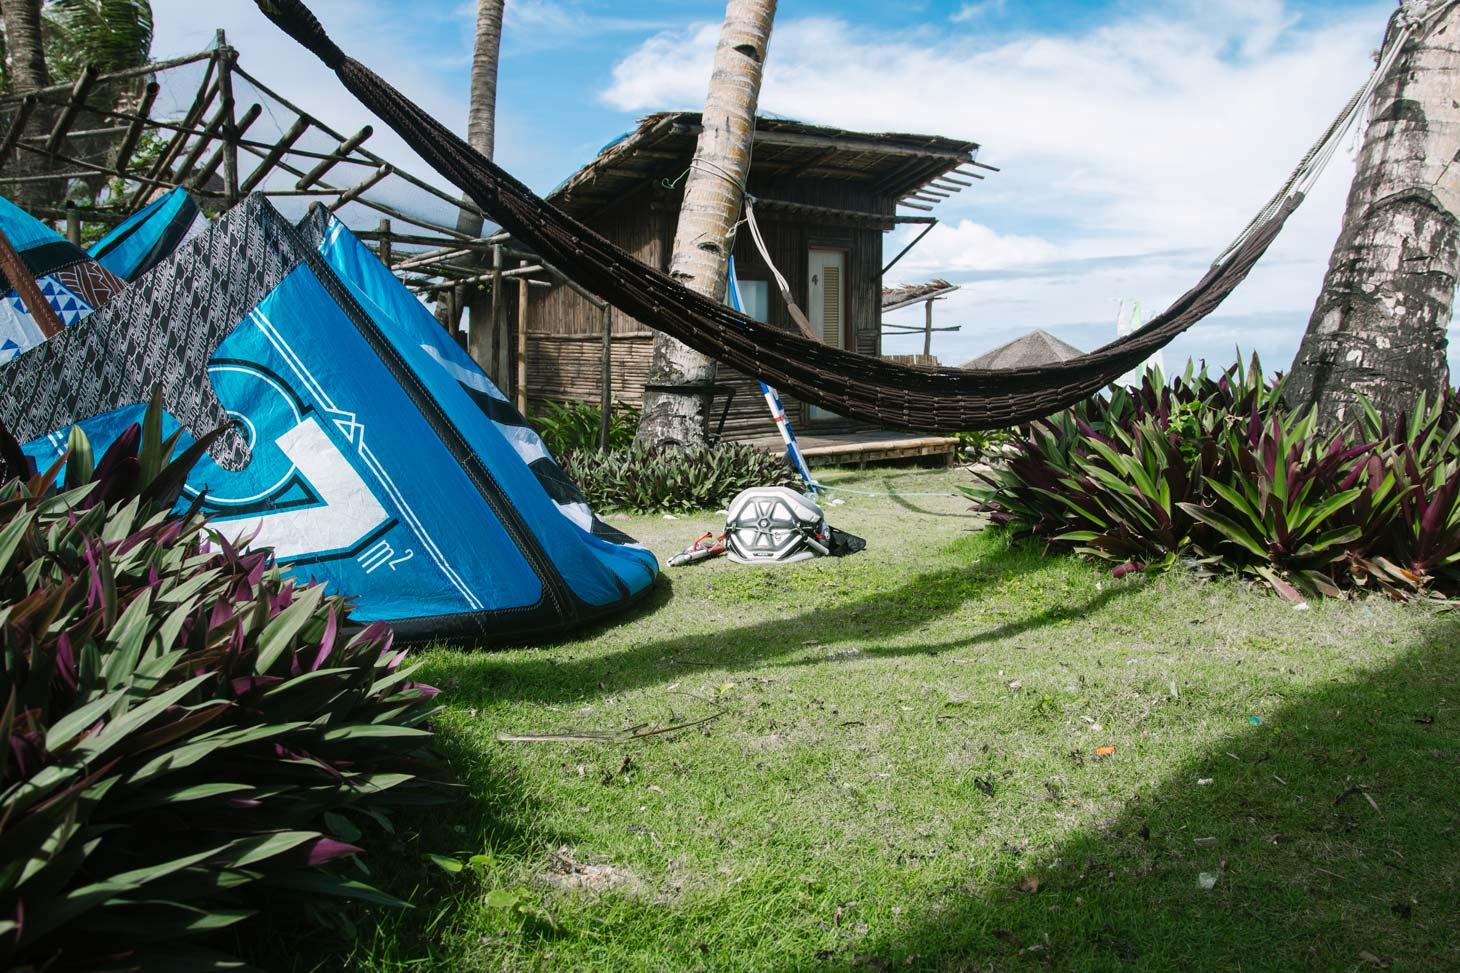 Kite- Surf- Sportgepäck Kosten & Bestimmungen